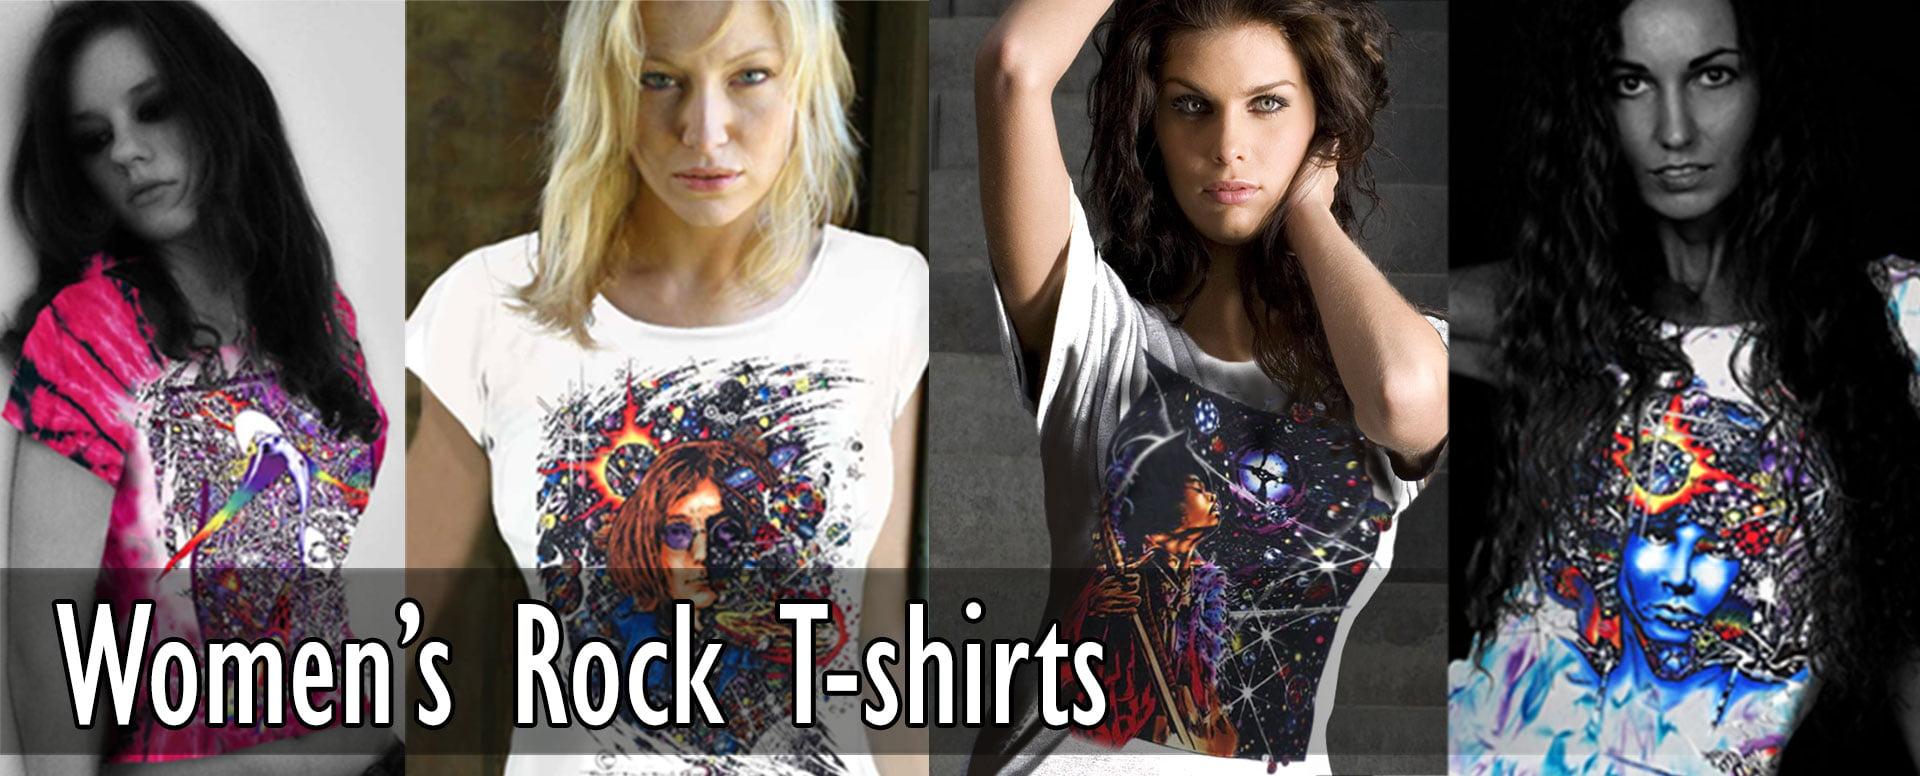 Women's Classic Rock T-shirts